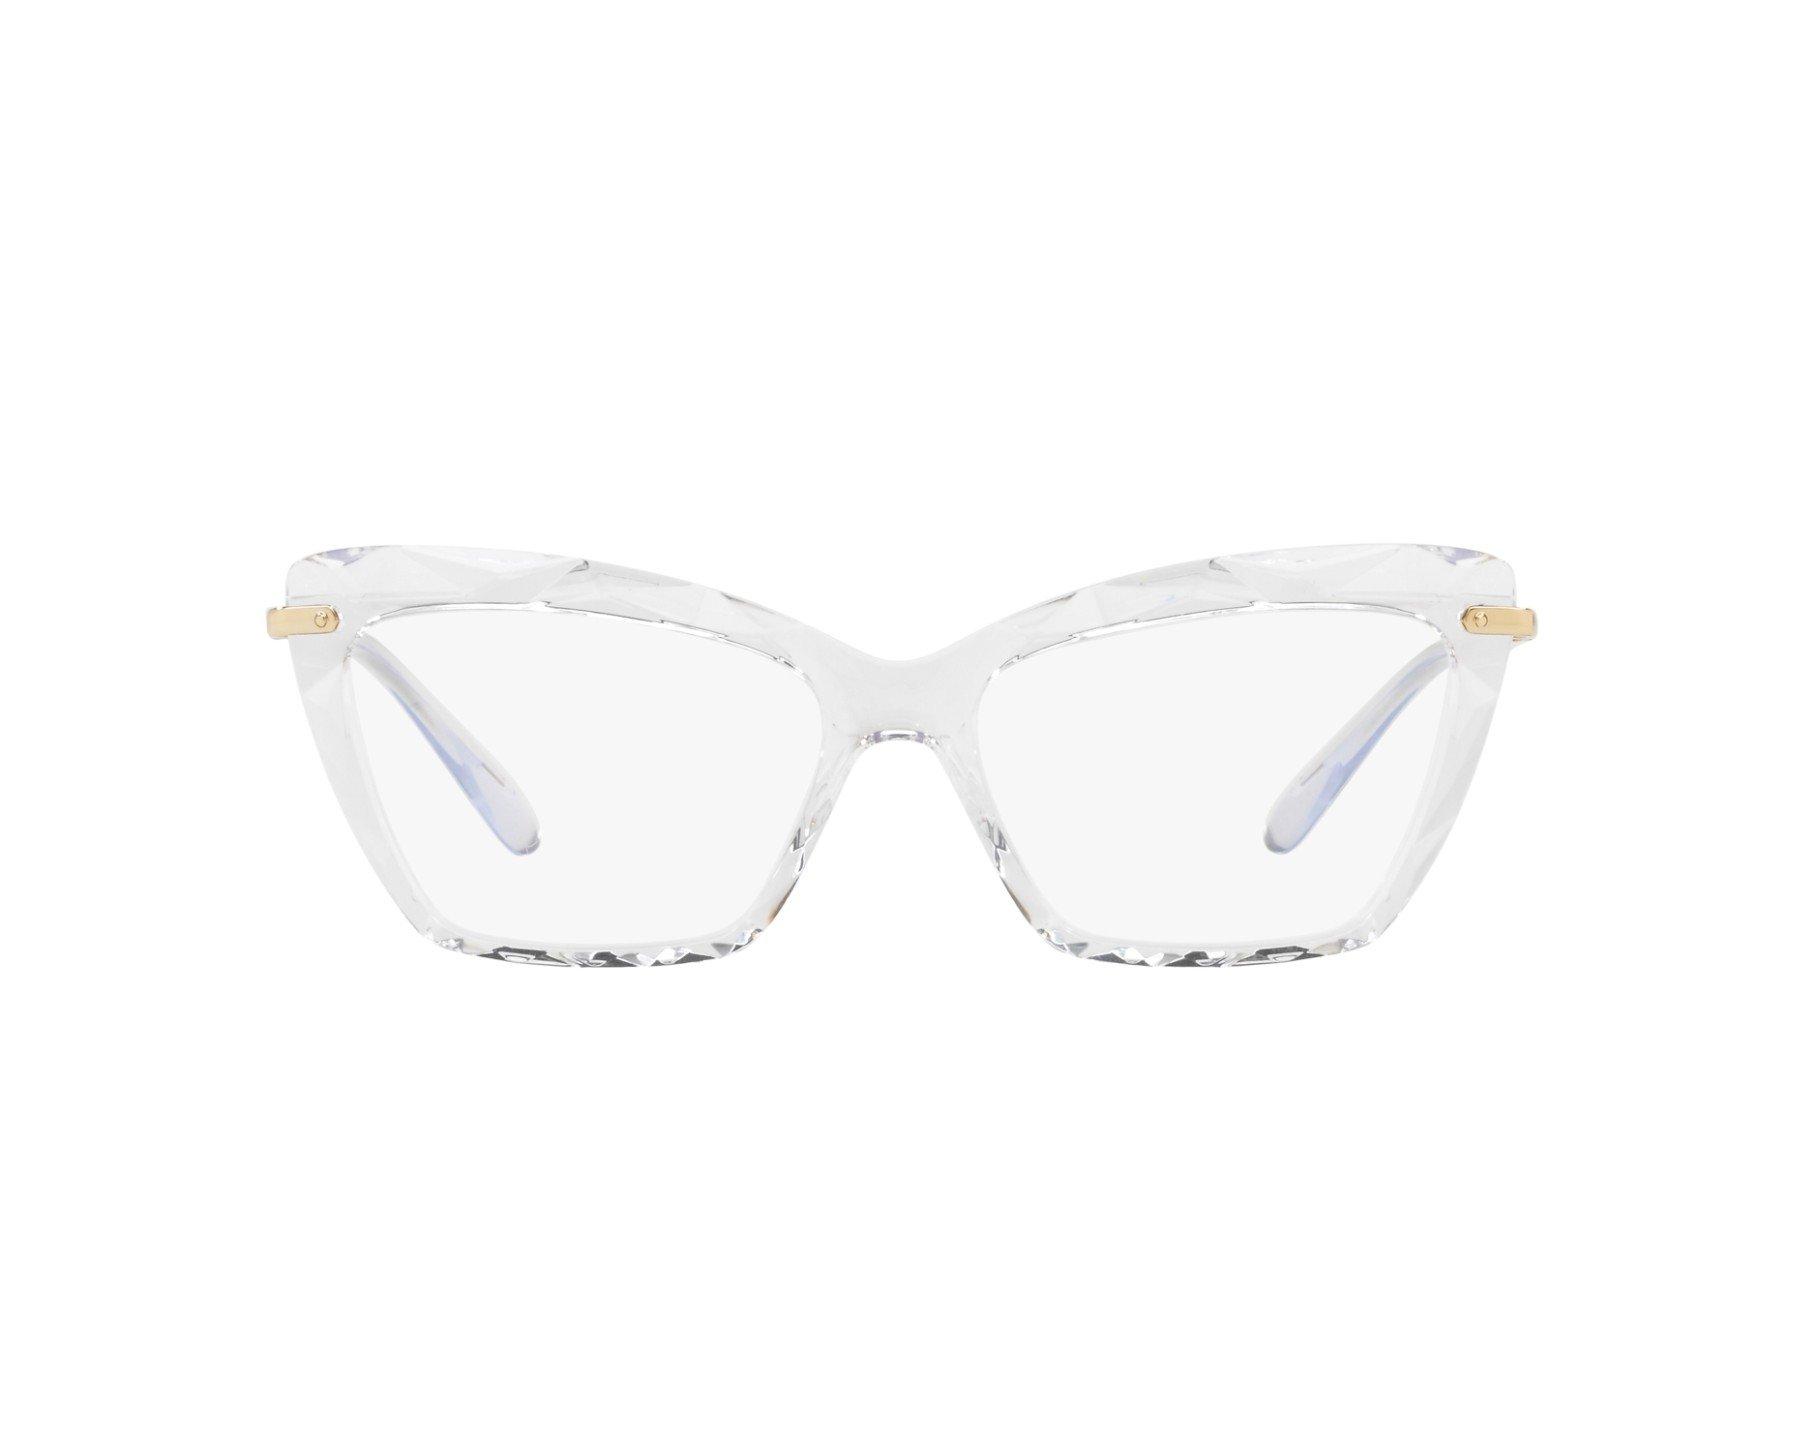 ff1afcb667e2 Dolce Gabbana Glasses Frames Top Deals & Lowest Price | SuperOffers.com